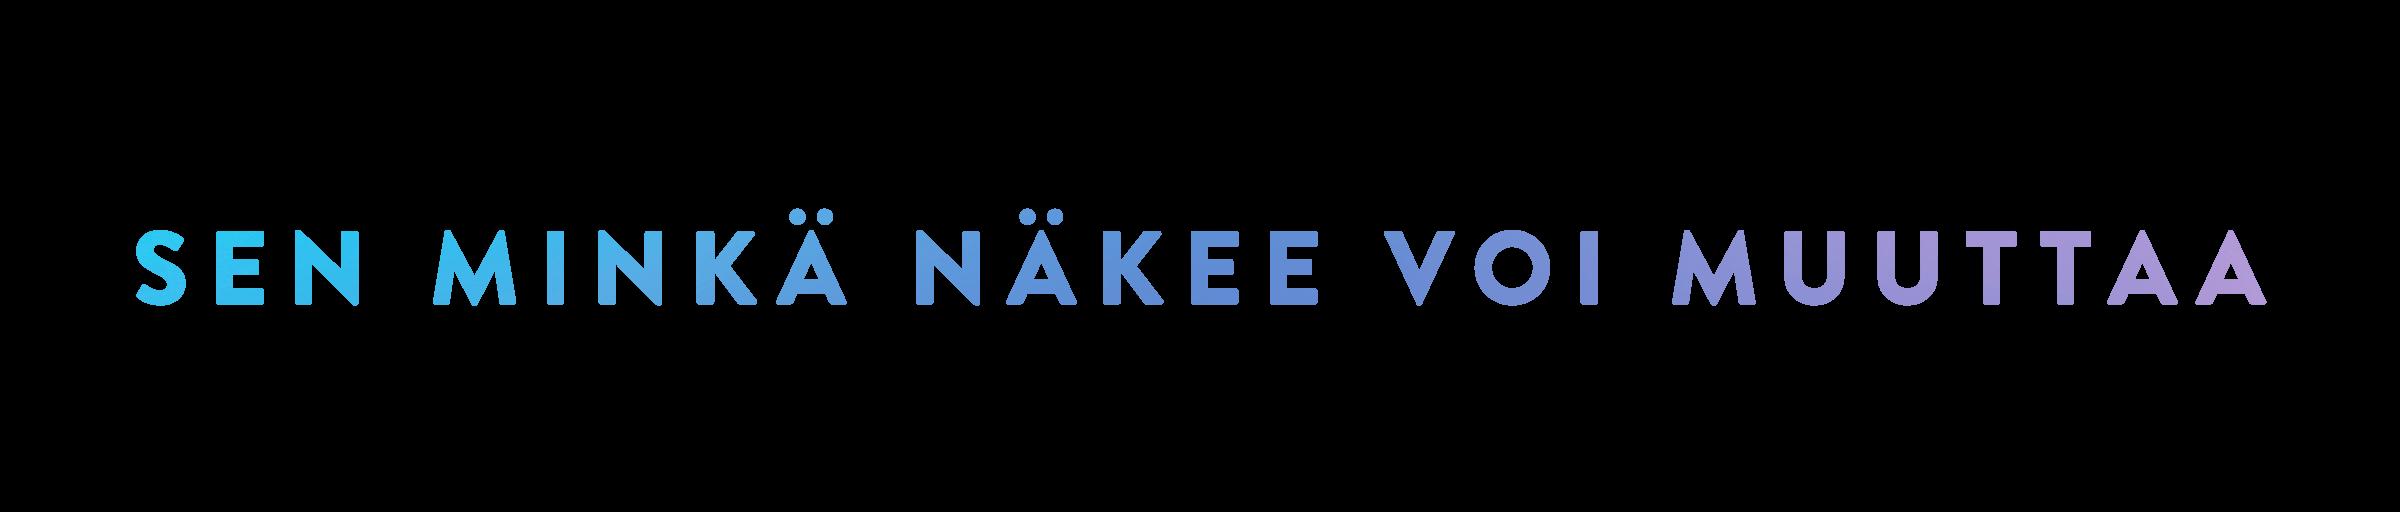 Yksittäistapaus kampanjan slogan